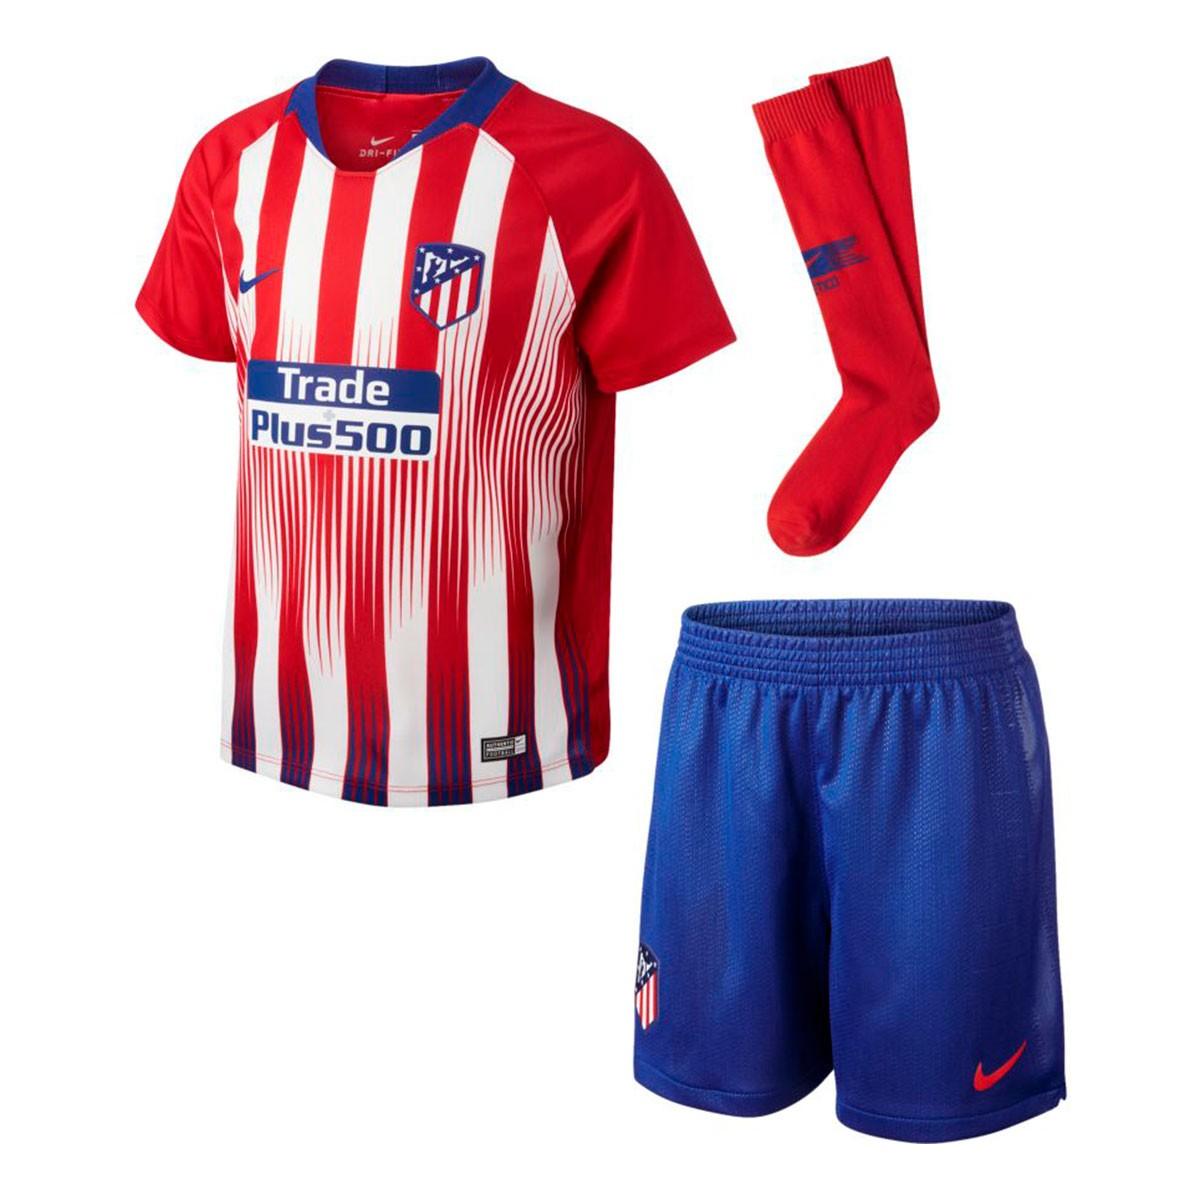 d143c0de35174 Conjunto Nike Atlético de Madrid Primera Equipación 2018-2019 Niño Sport  red-White-Deep royal blue - Tienda de fútbol Fútbol Emotion